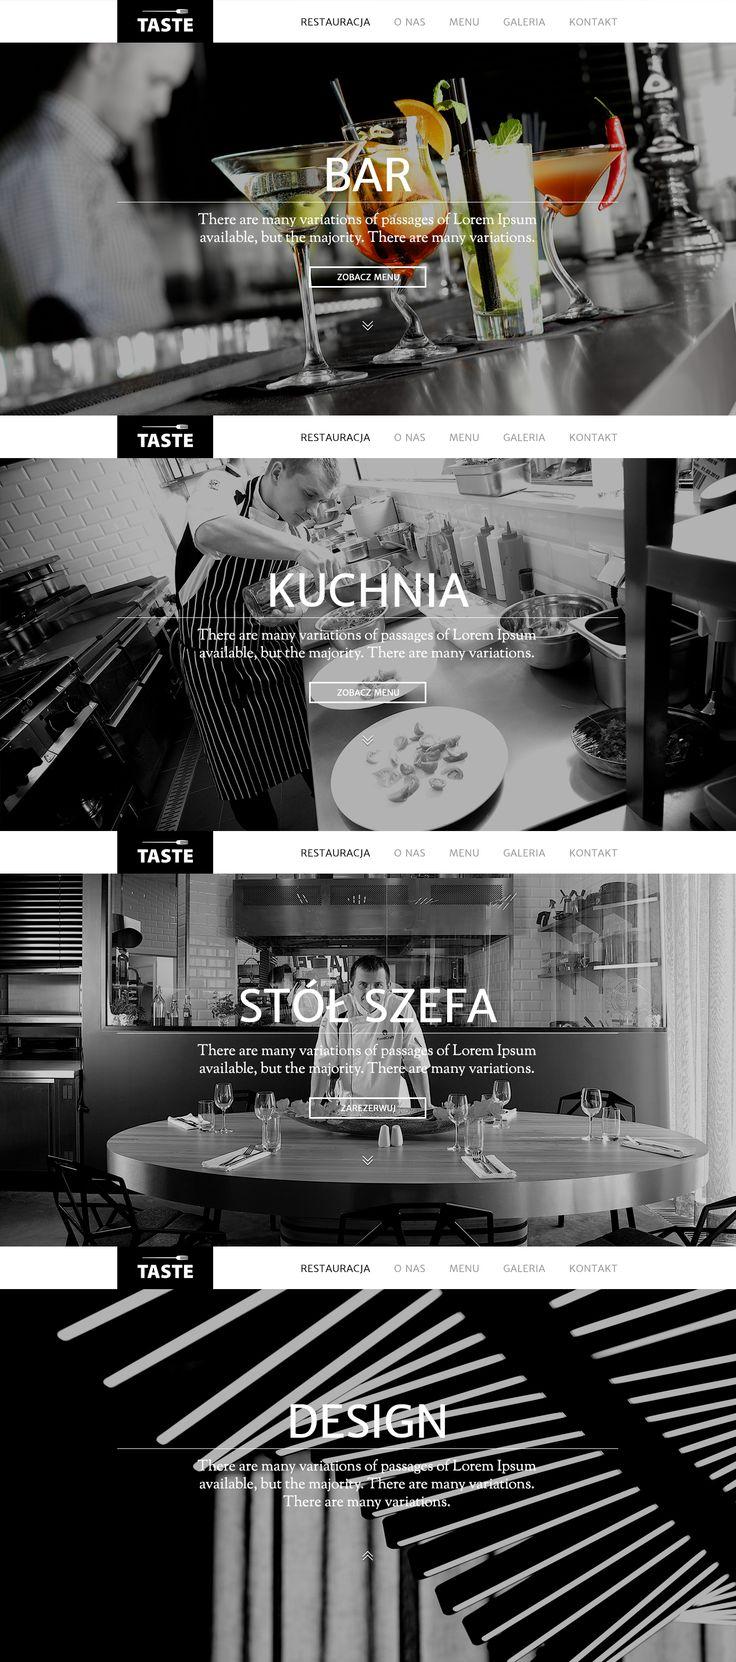 Strona główna restauracji TASTE Wilanów.